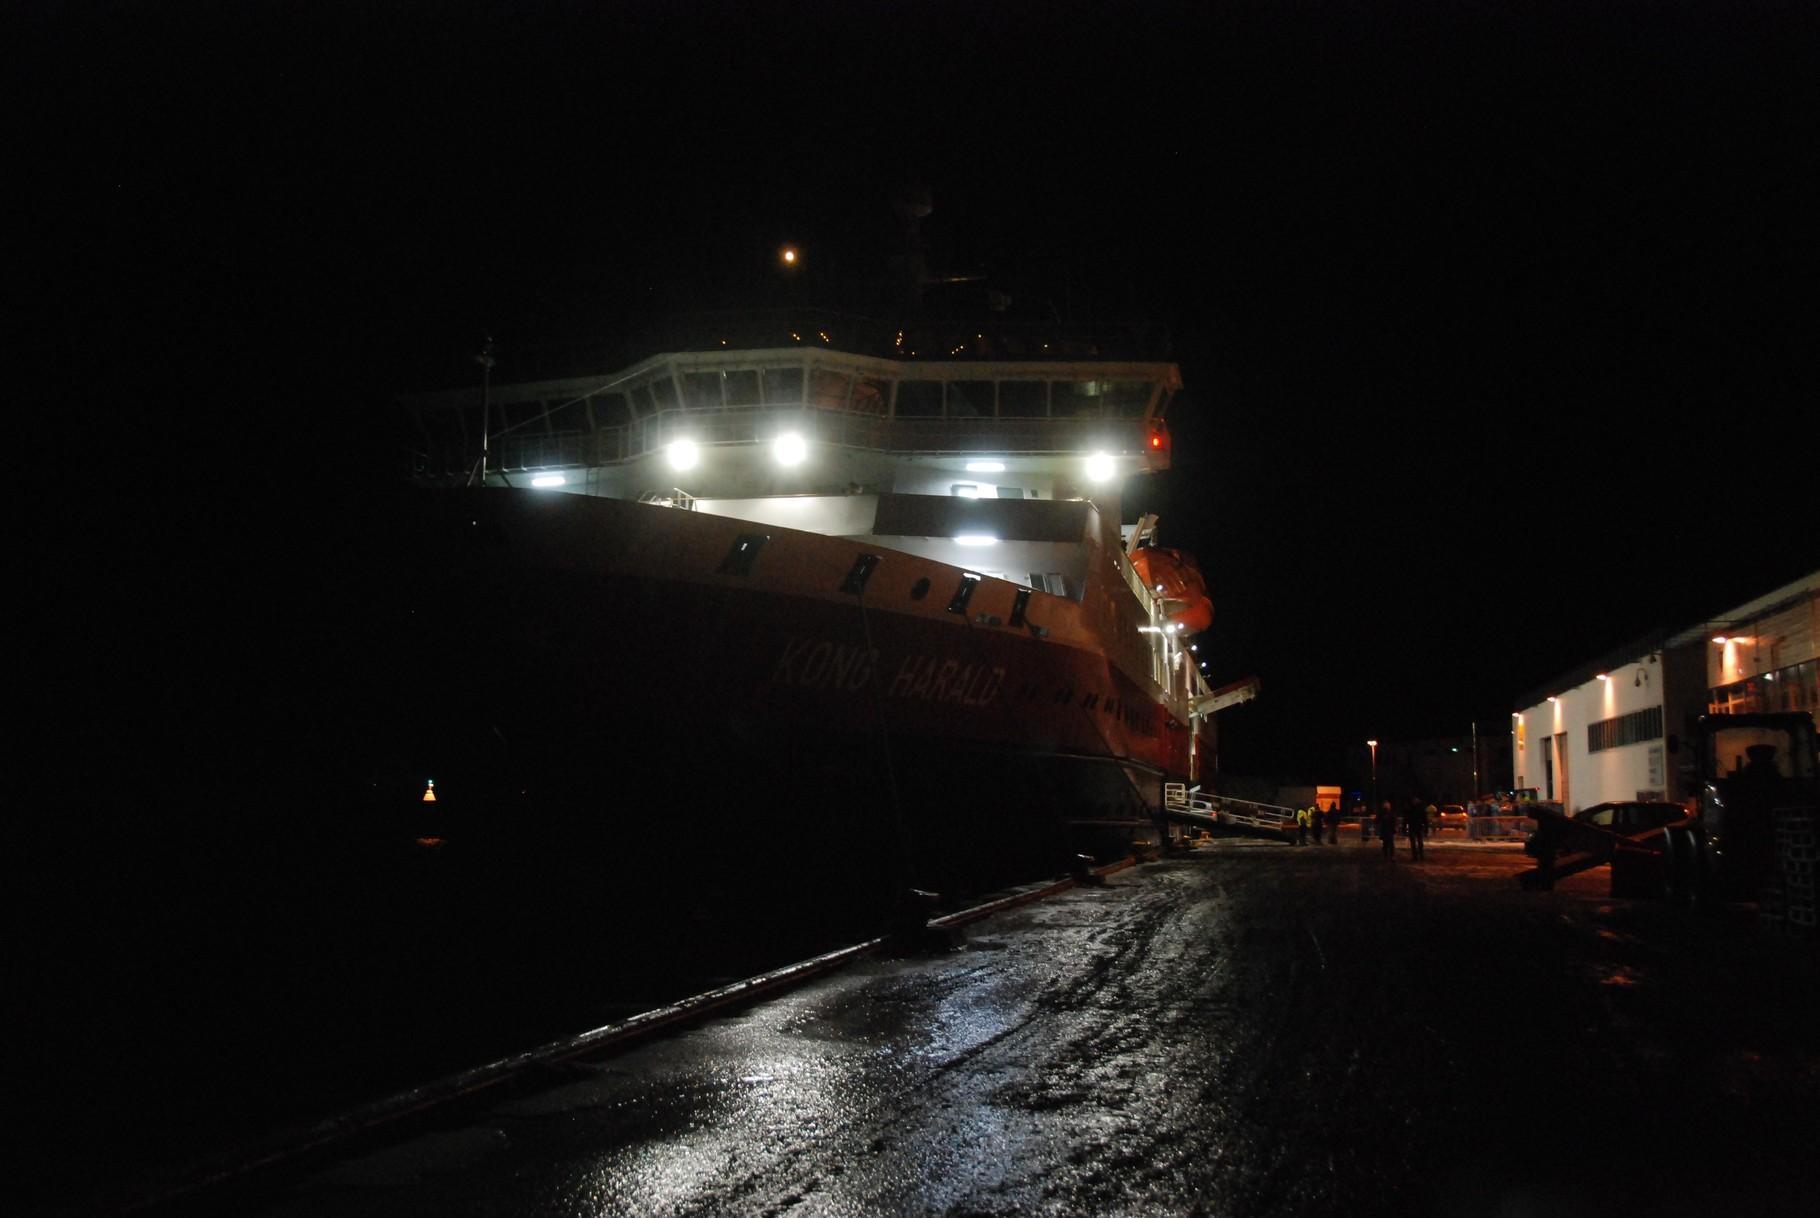 Bild 10-182 - Noch liegt das Schiff im Hafen - der Mond leuchtet verheissungsvoll